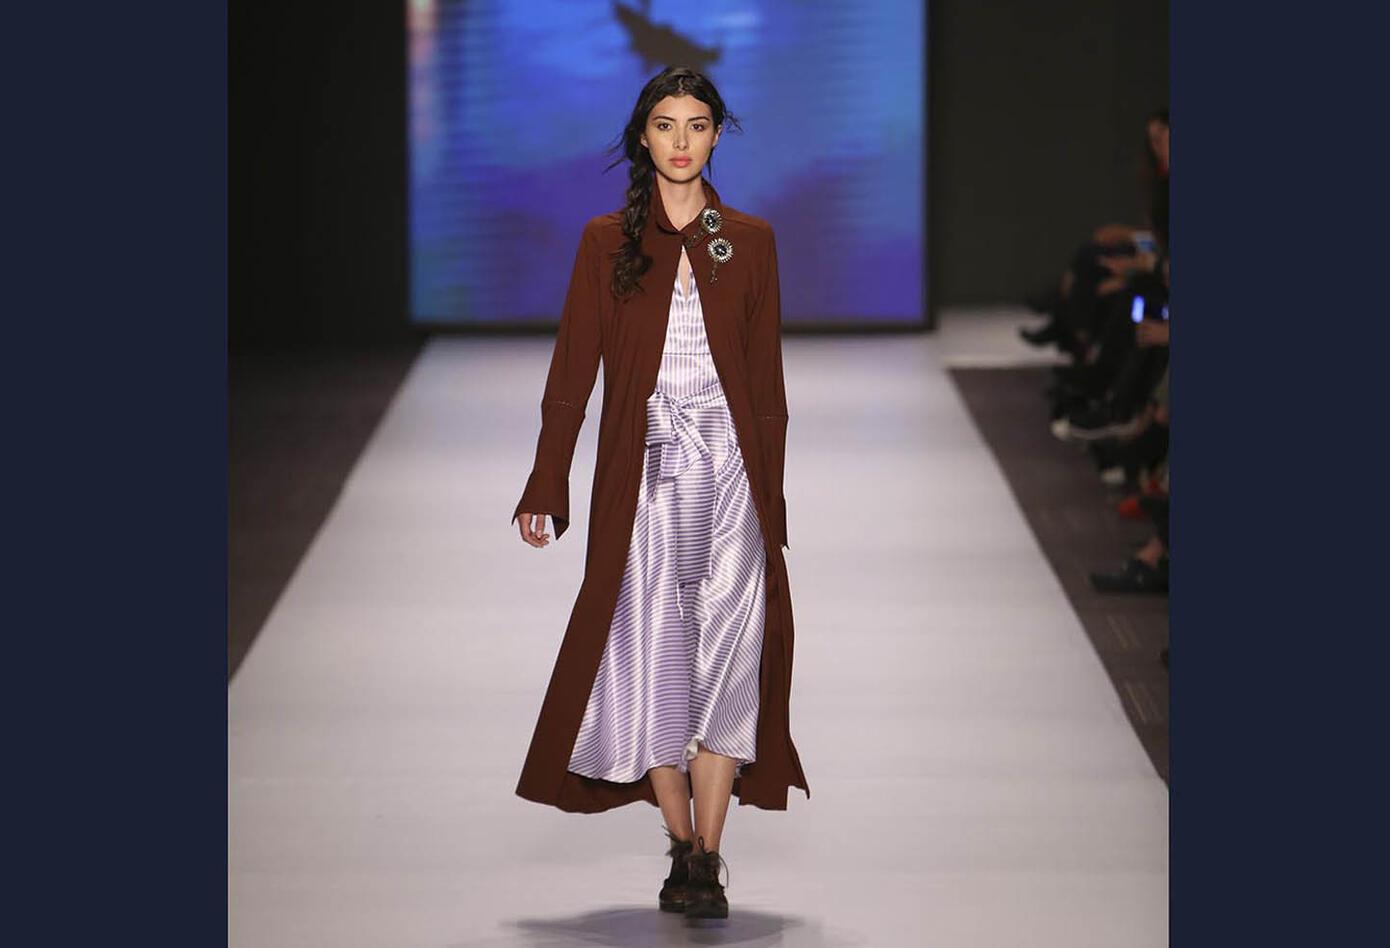 Bettina Spitz destacó en la pasarela por su combinación juvenil y elegancia.